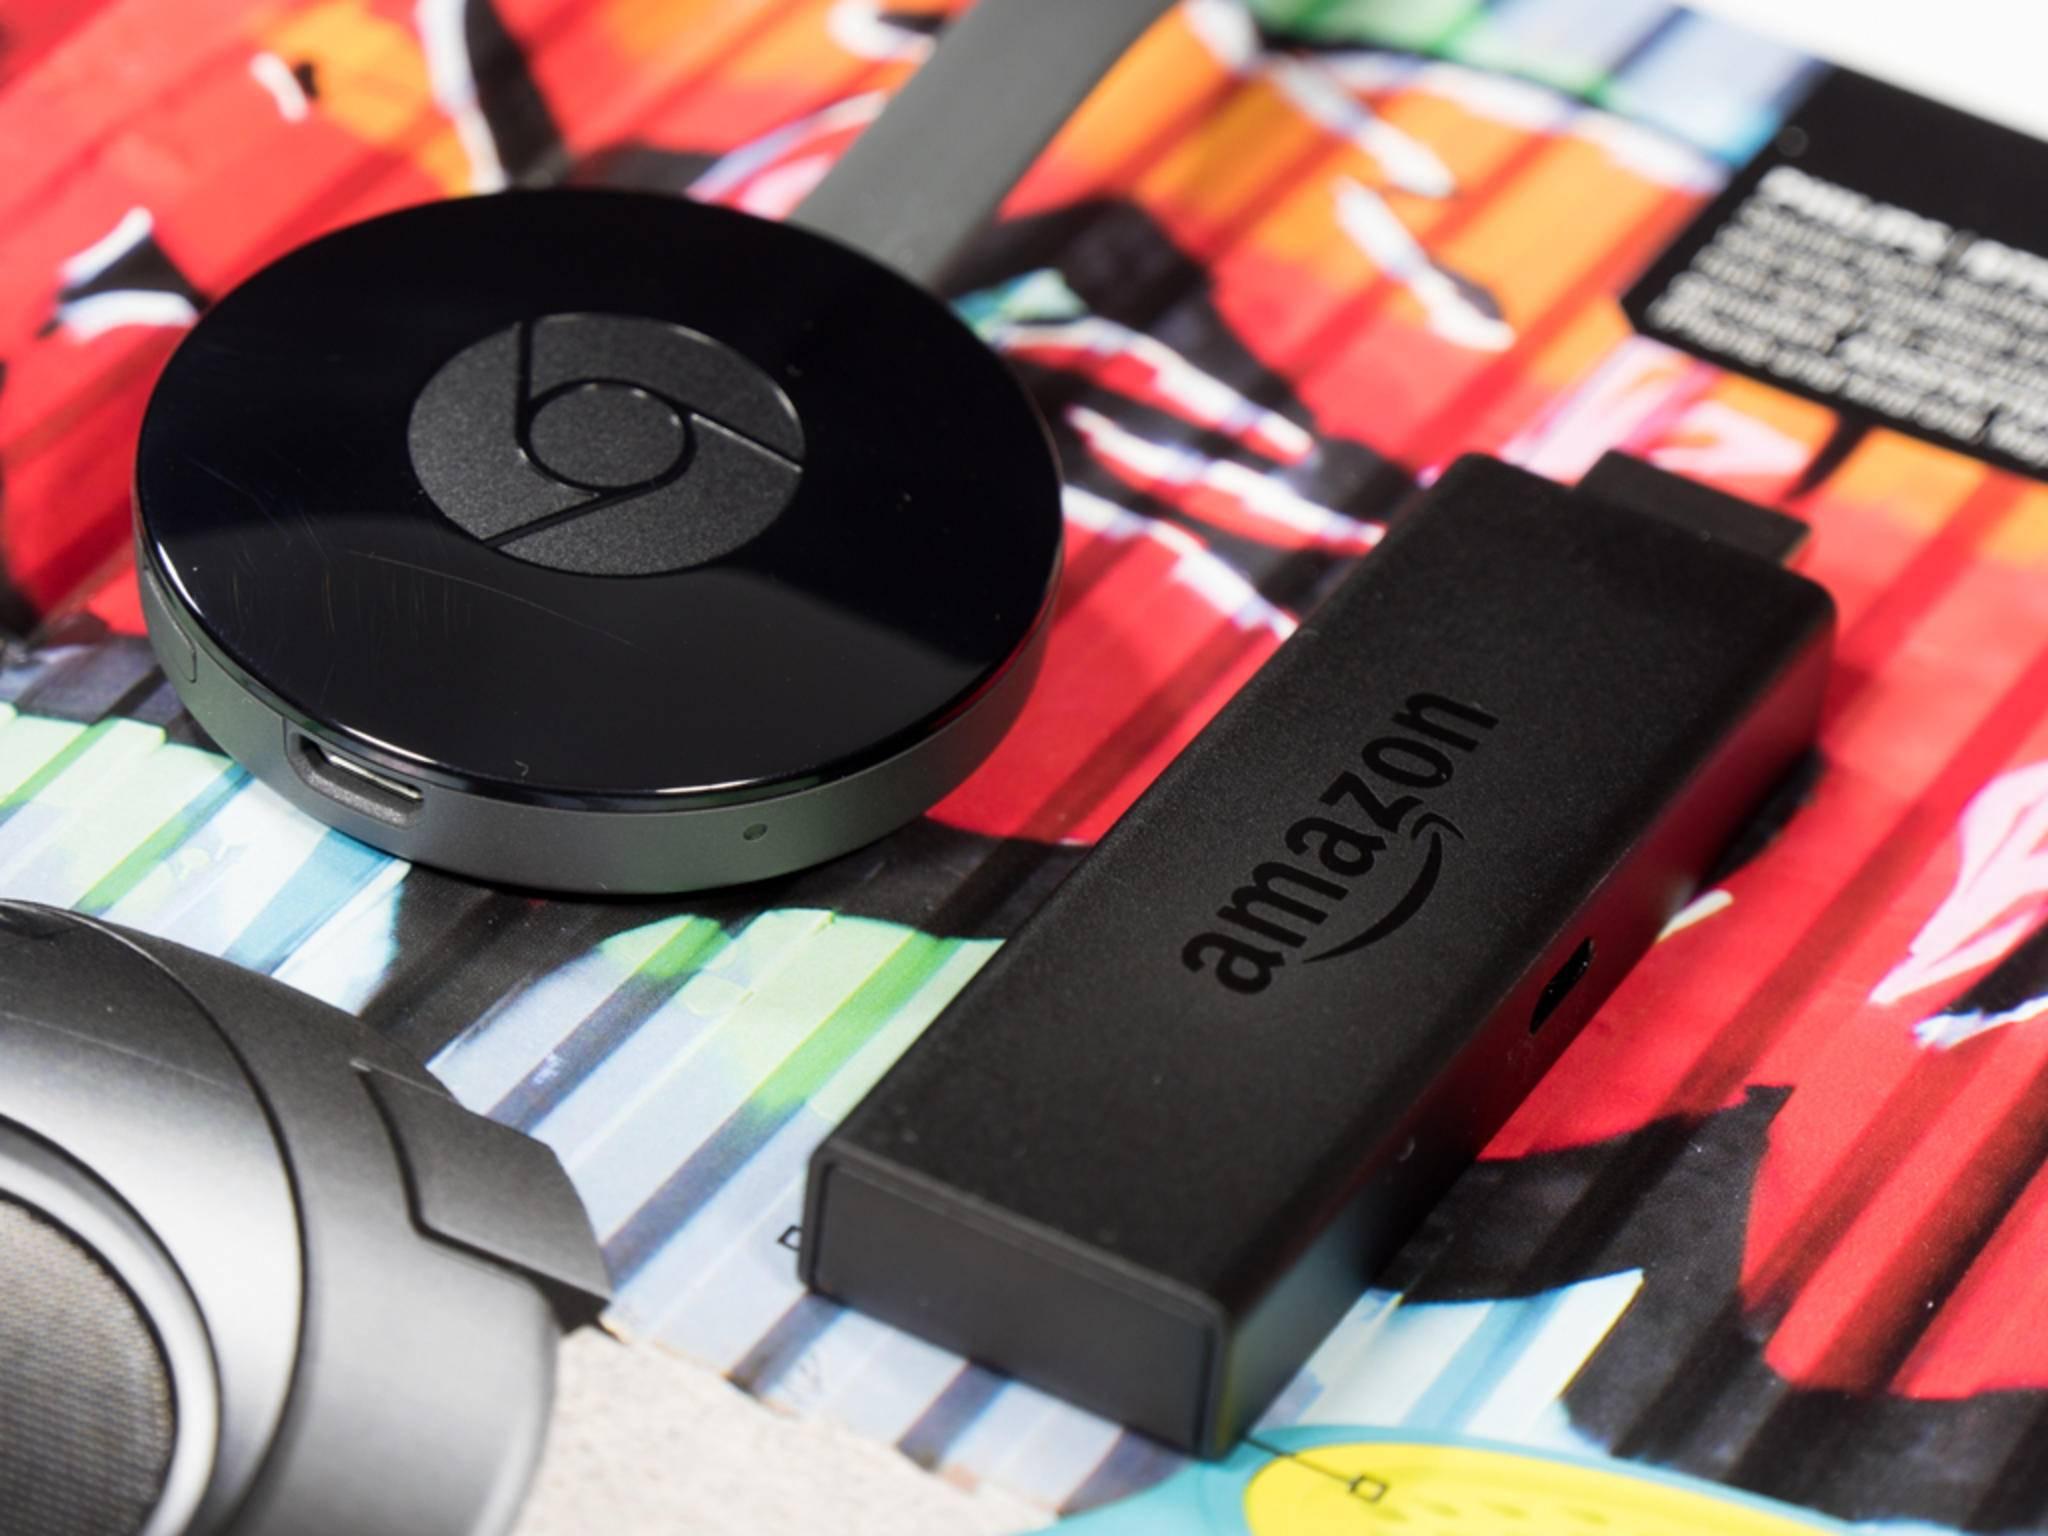 Chromecast und Fire TV Stick versprechen TV-Streaming zum kleinen Preis.